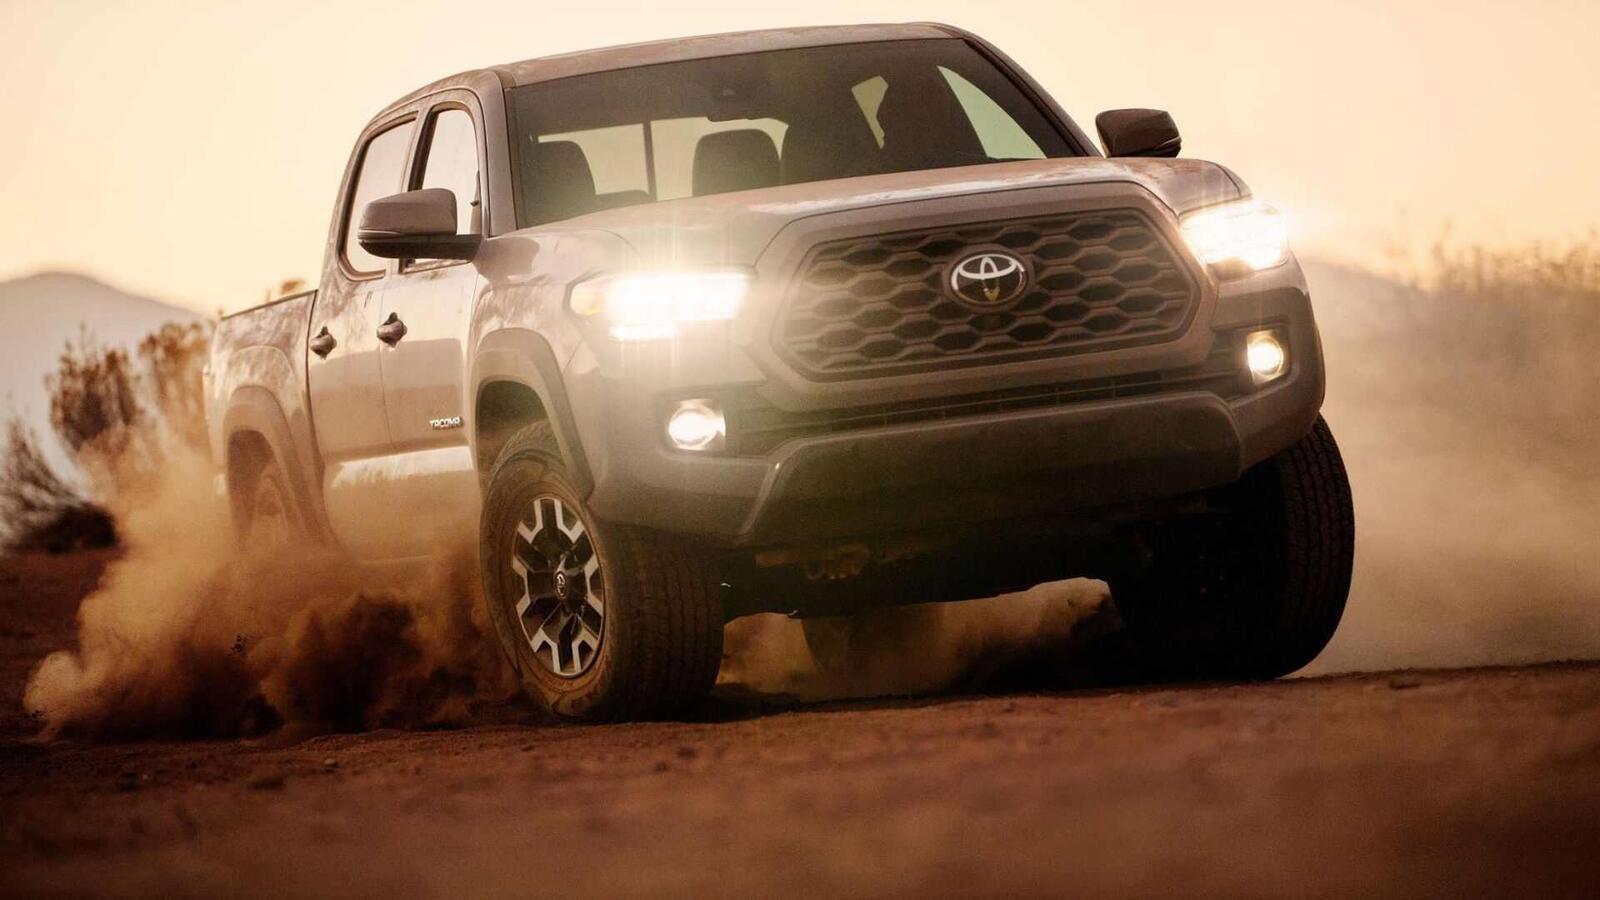 Xem trước bán tải Toyota Tacoma 2020 mới trước ngày ra mắt đối thủ đáng gờm của Ford Ranger - Hình 3